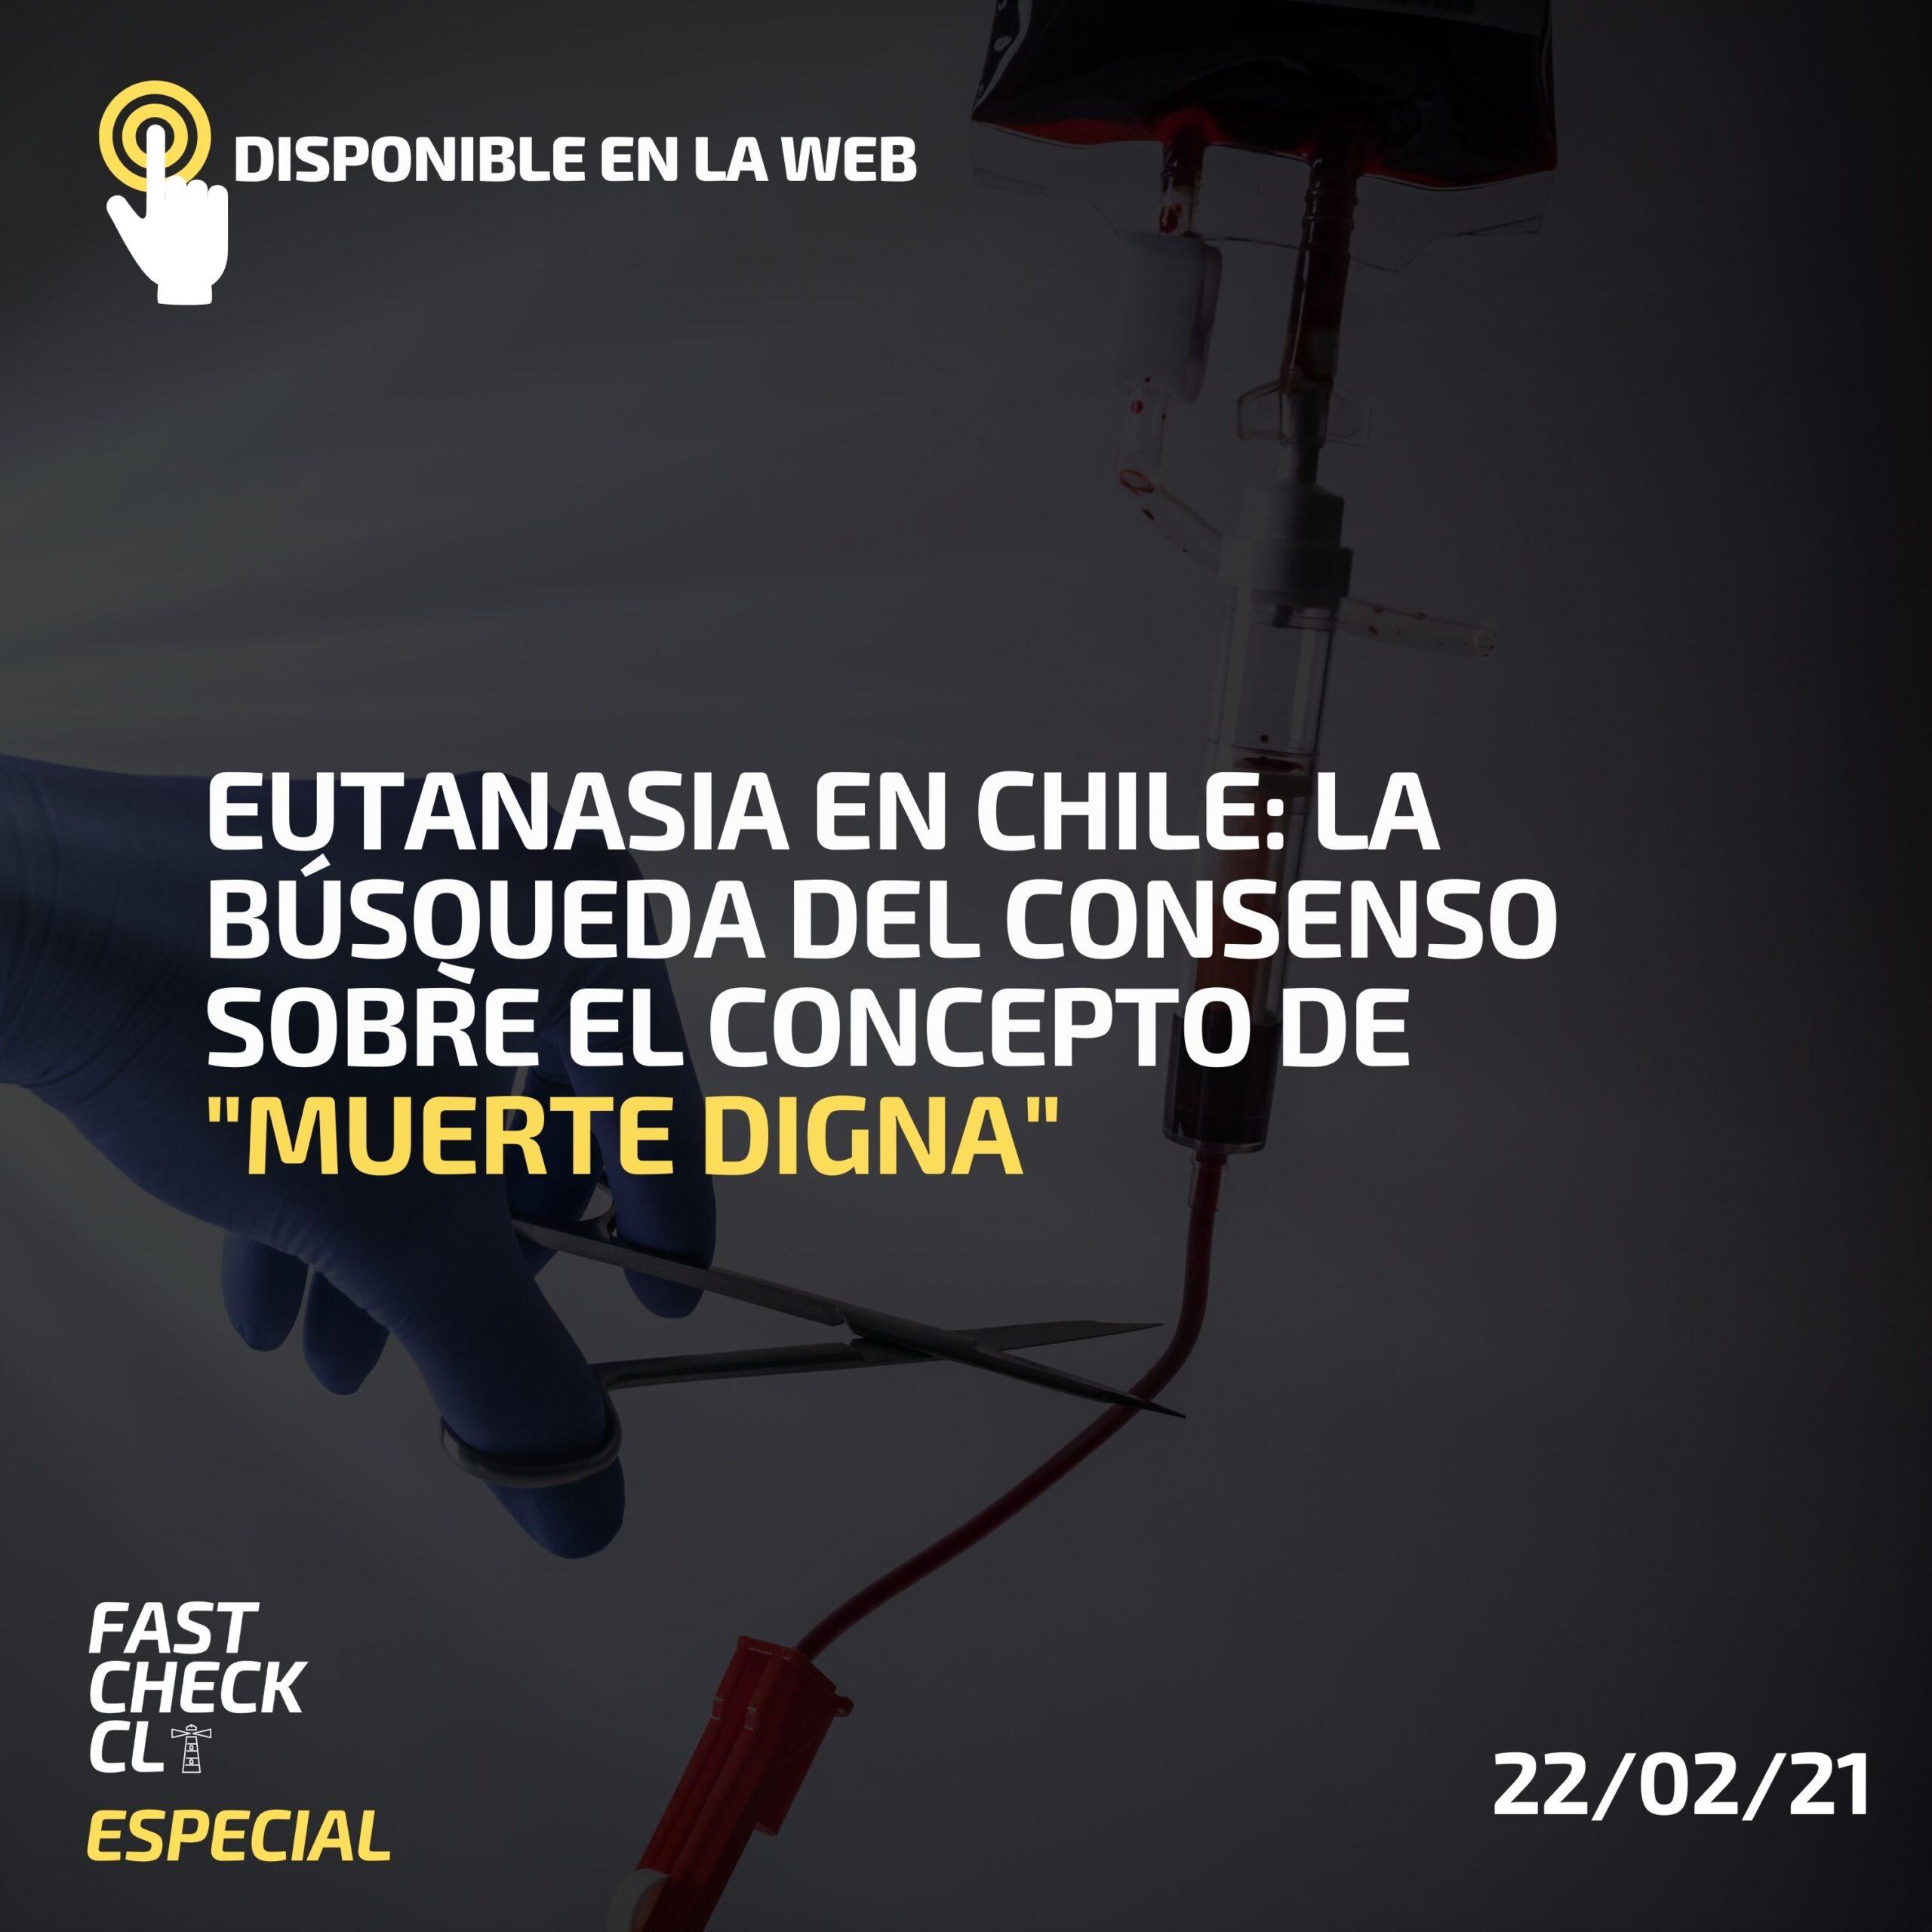 """Eutanasia en Chile: la búsqueda del consenso sobre el concepto de """"muerte digna"""""""